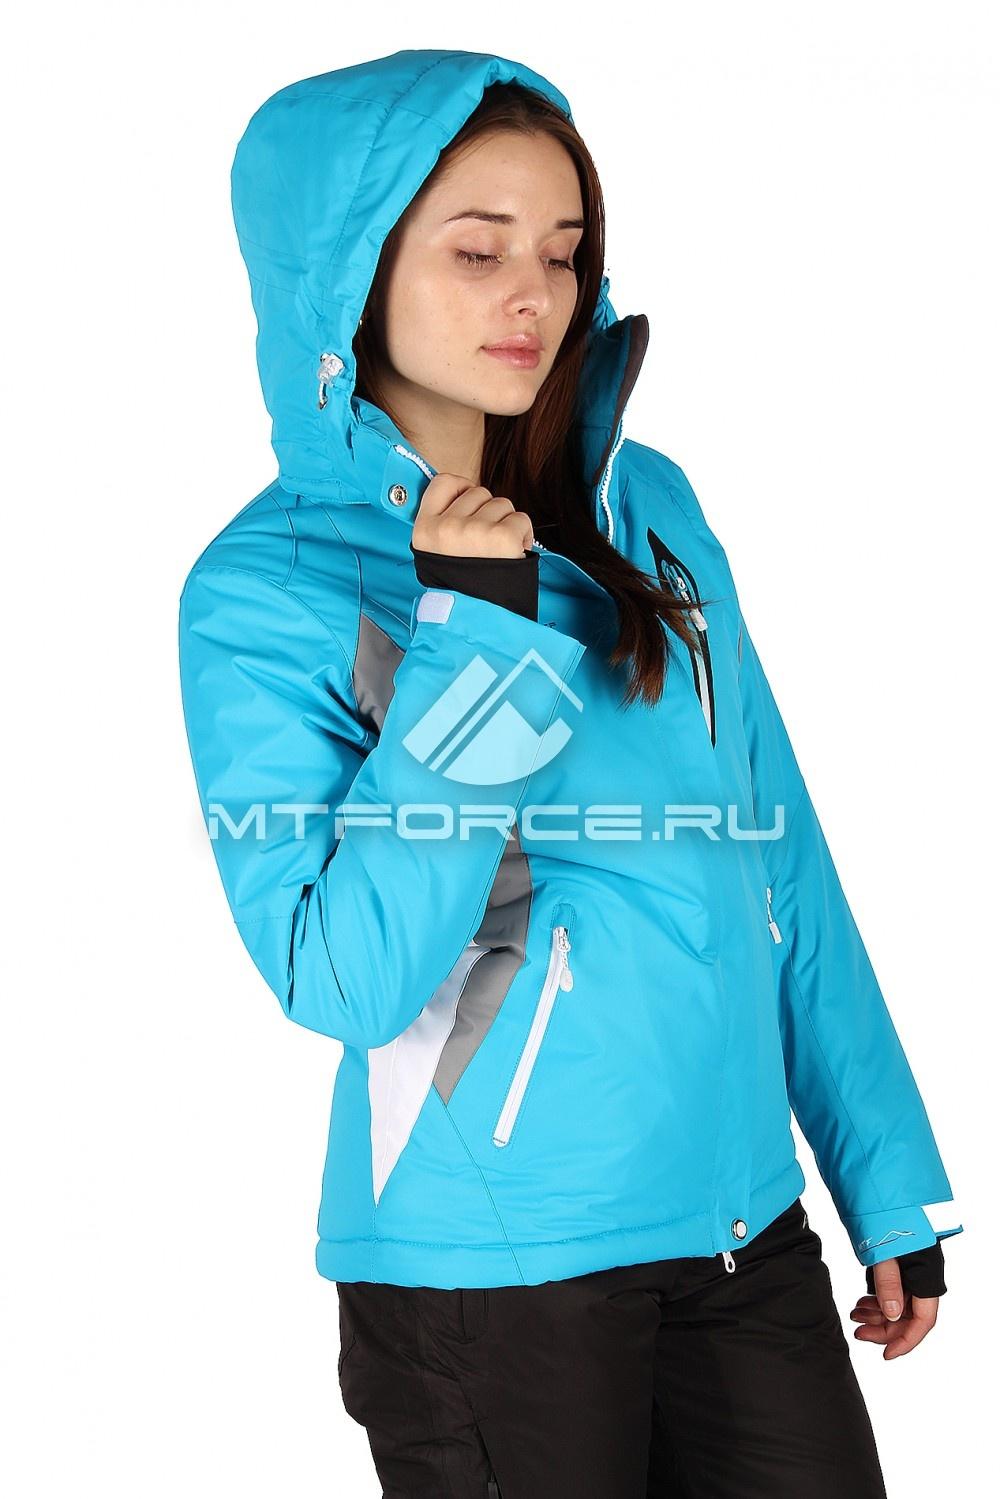 Купить                                  оптом Куртка горнолыжная женская синего цвета 1504S